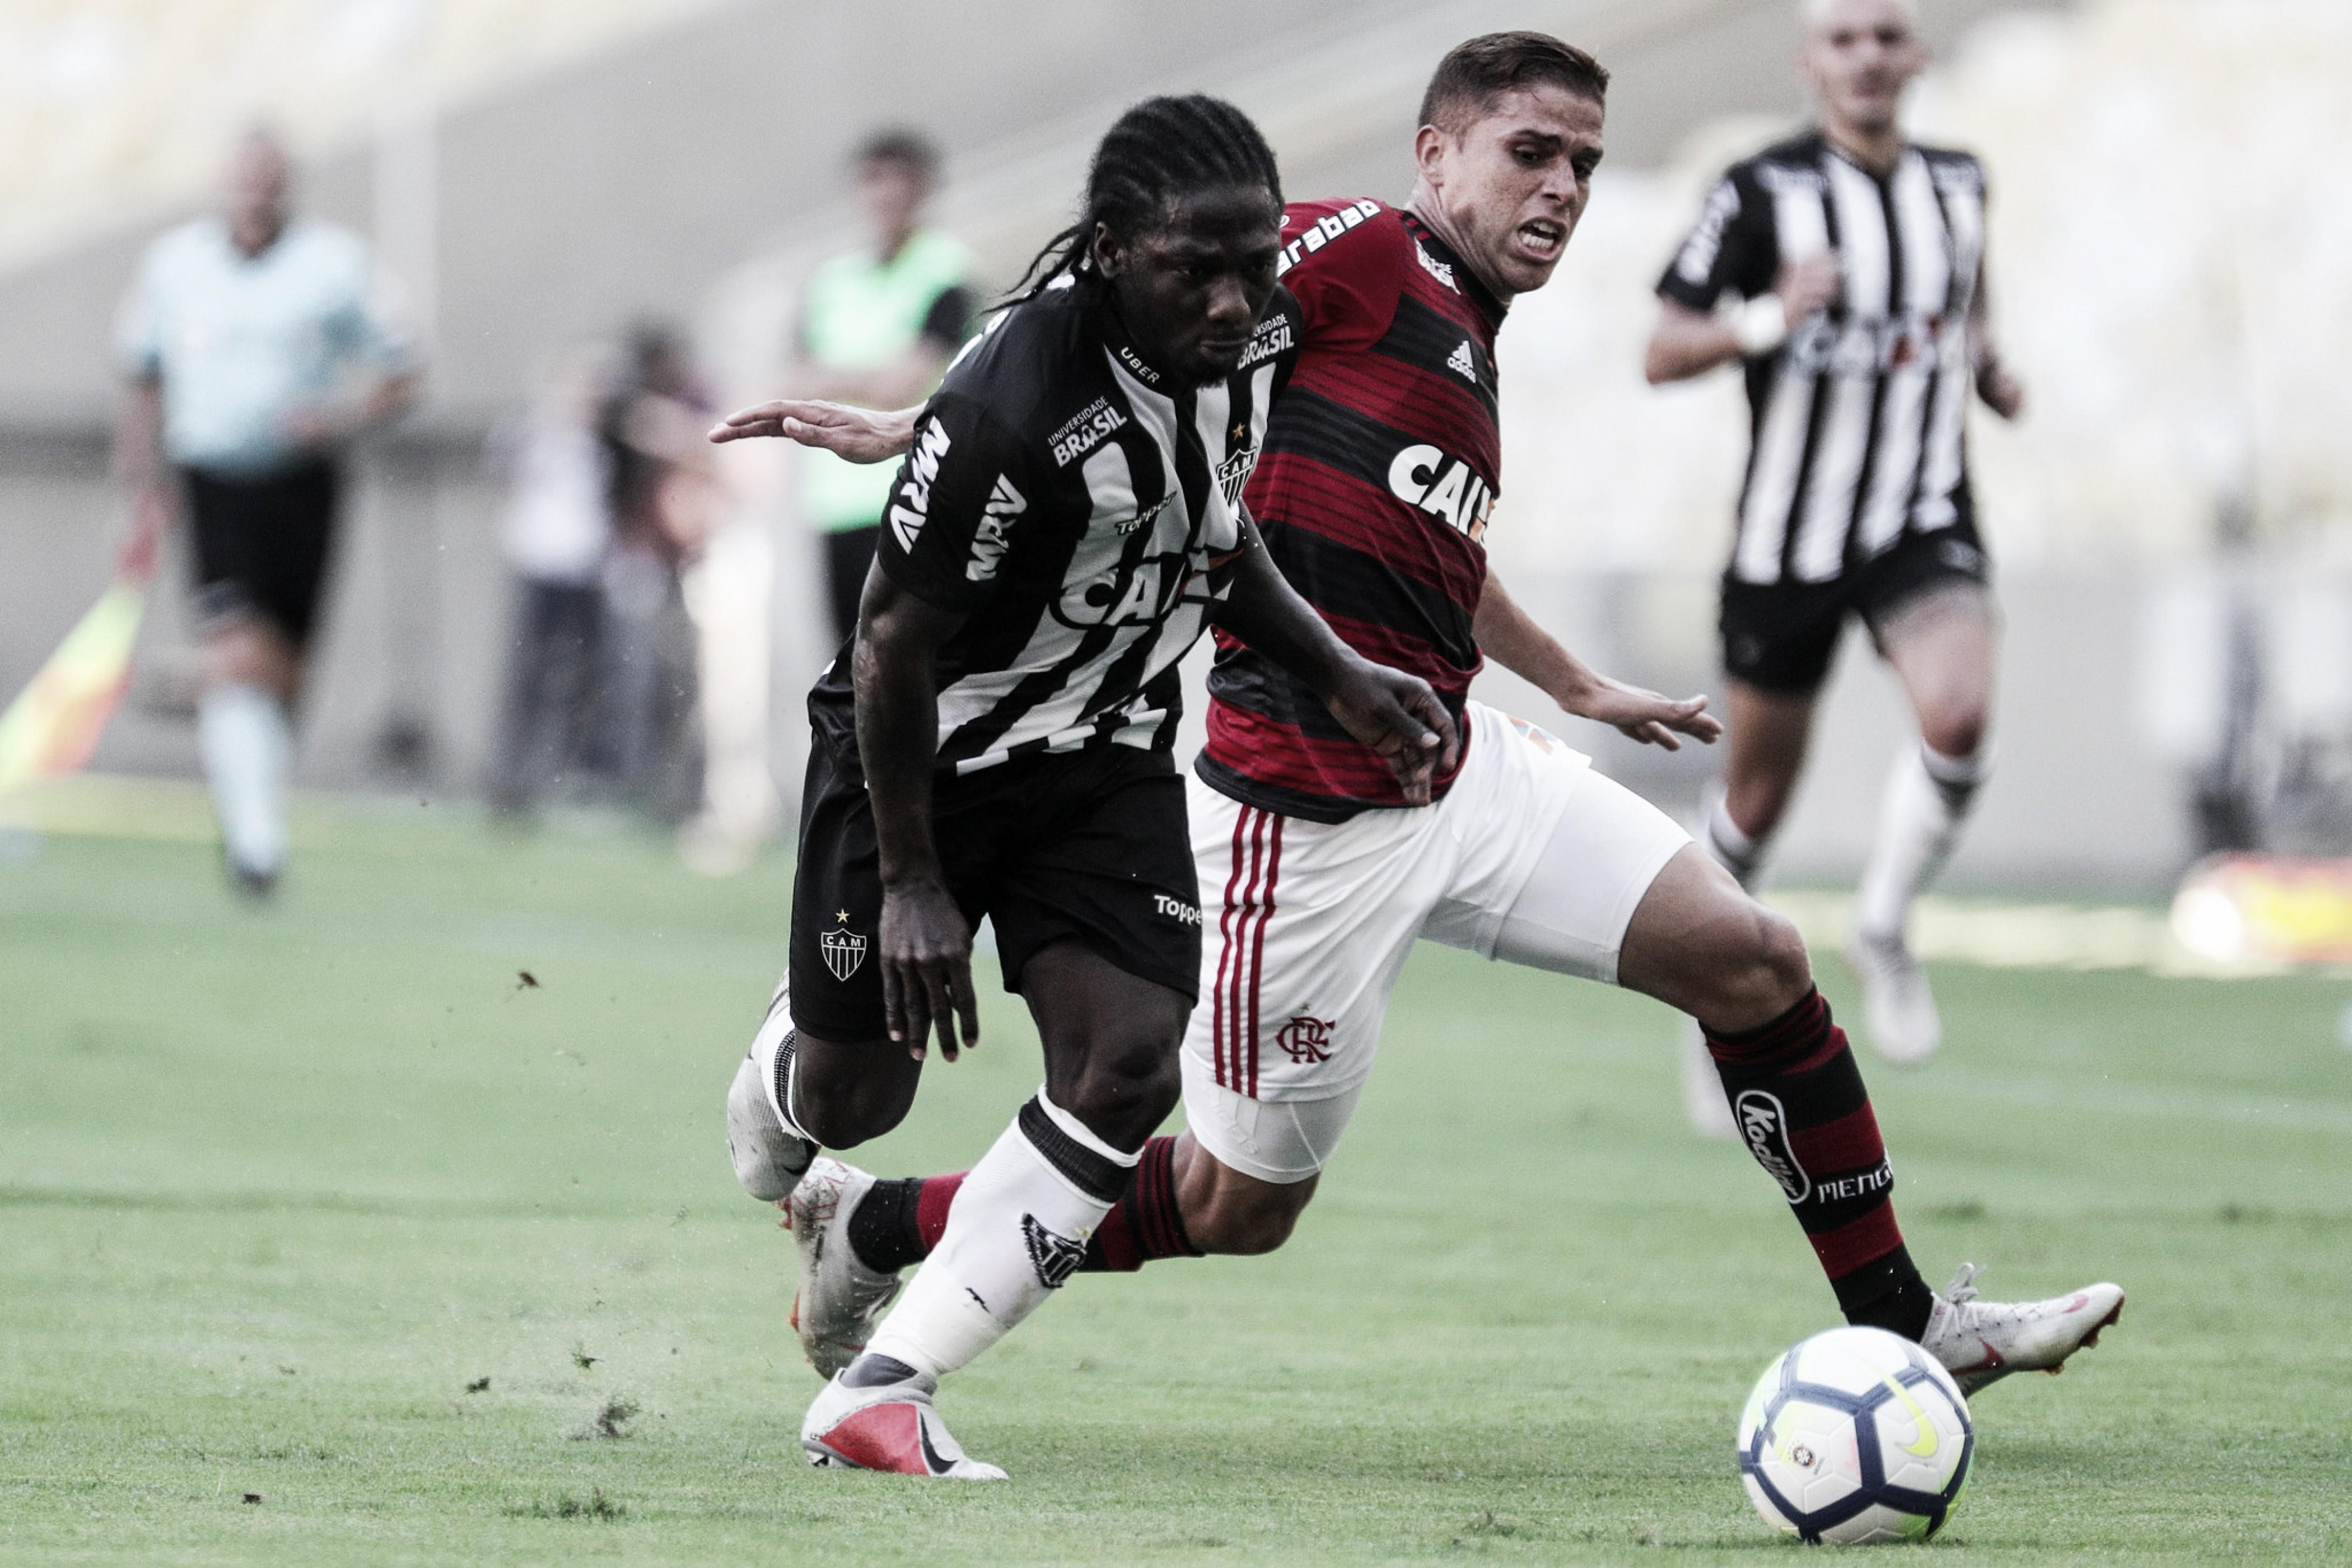 Em jogo eletrizante, Flamengo vence Atlético-MG no Maracanã e segue na cola dos líderes